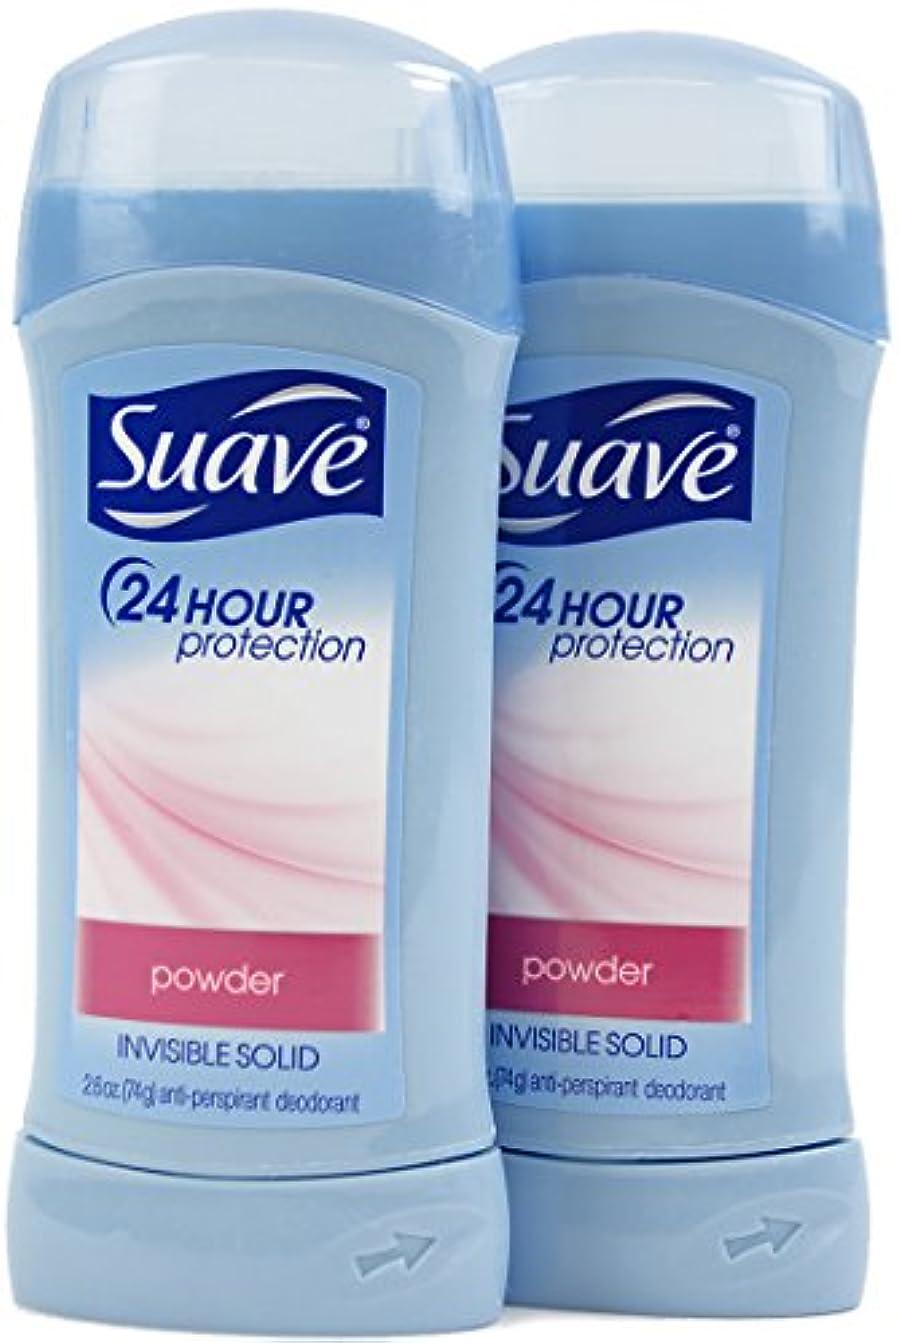 破壊的不良品債権者スアーブ(Suave) 固形デオドラント スティック パウダーの香り 74g×2個[並行輸入品]